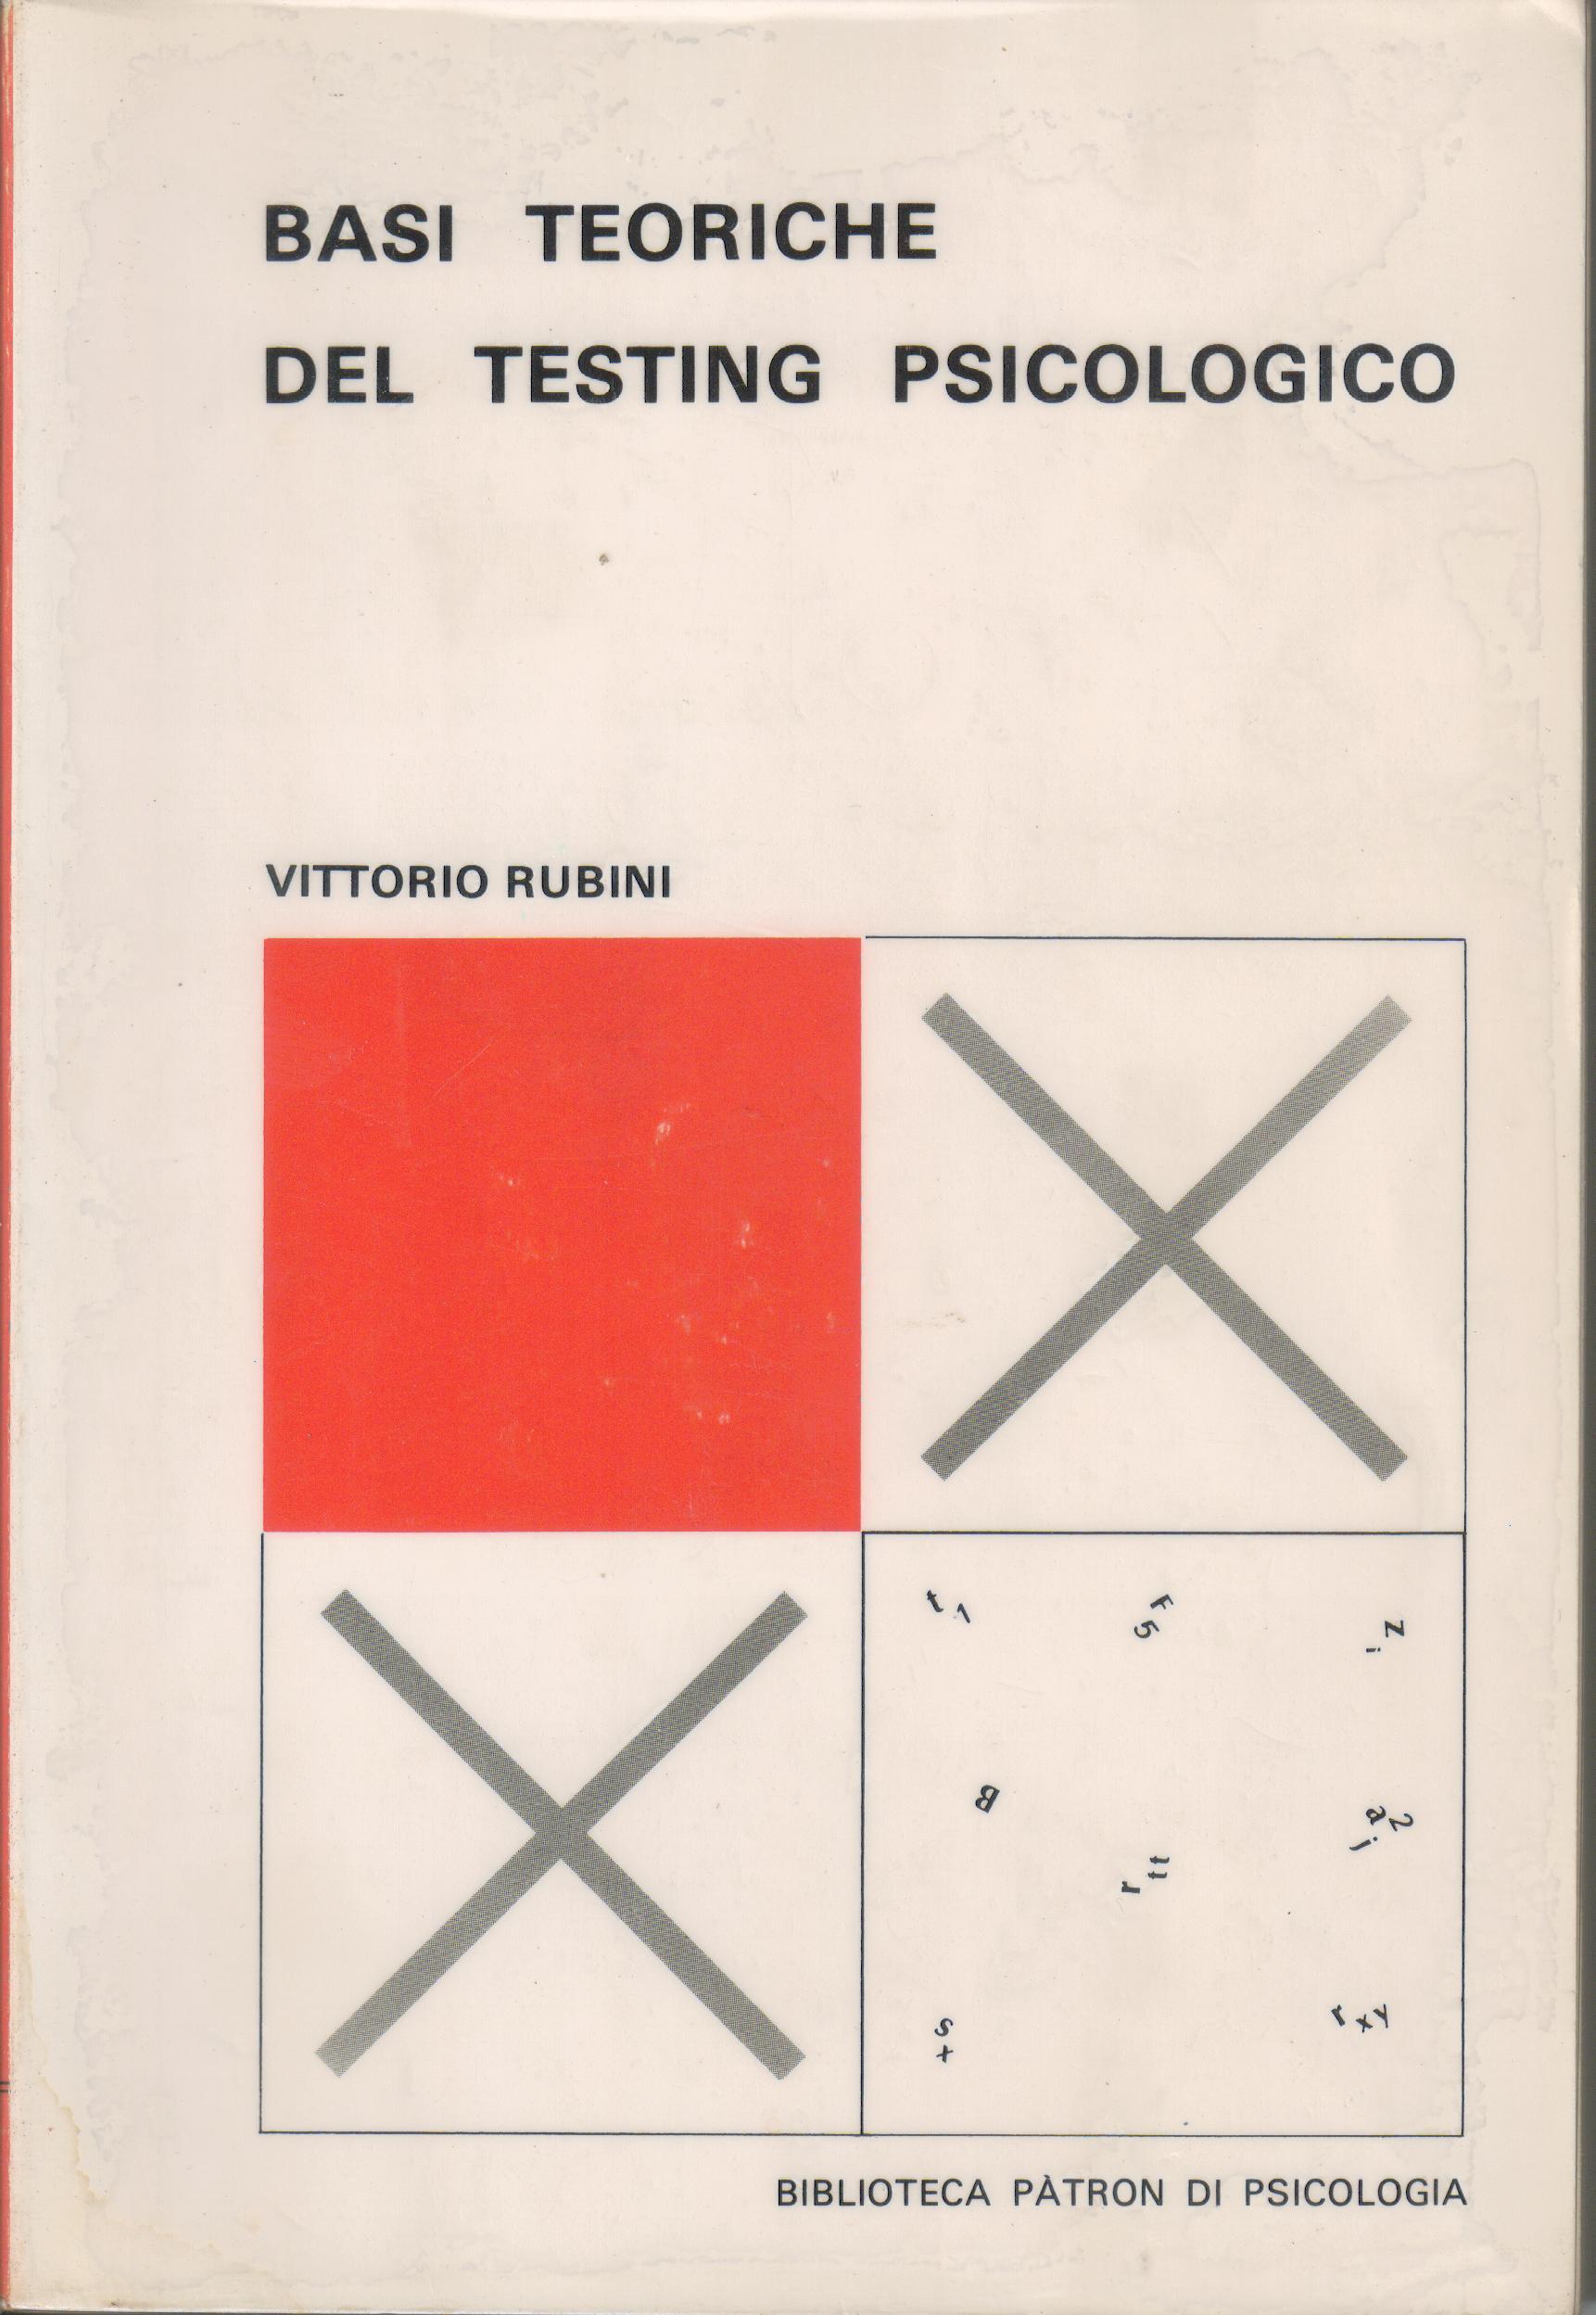 Basi teoriche del testing psicologico